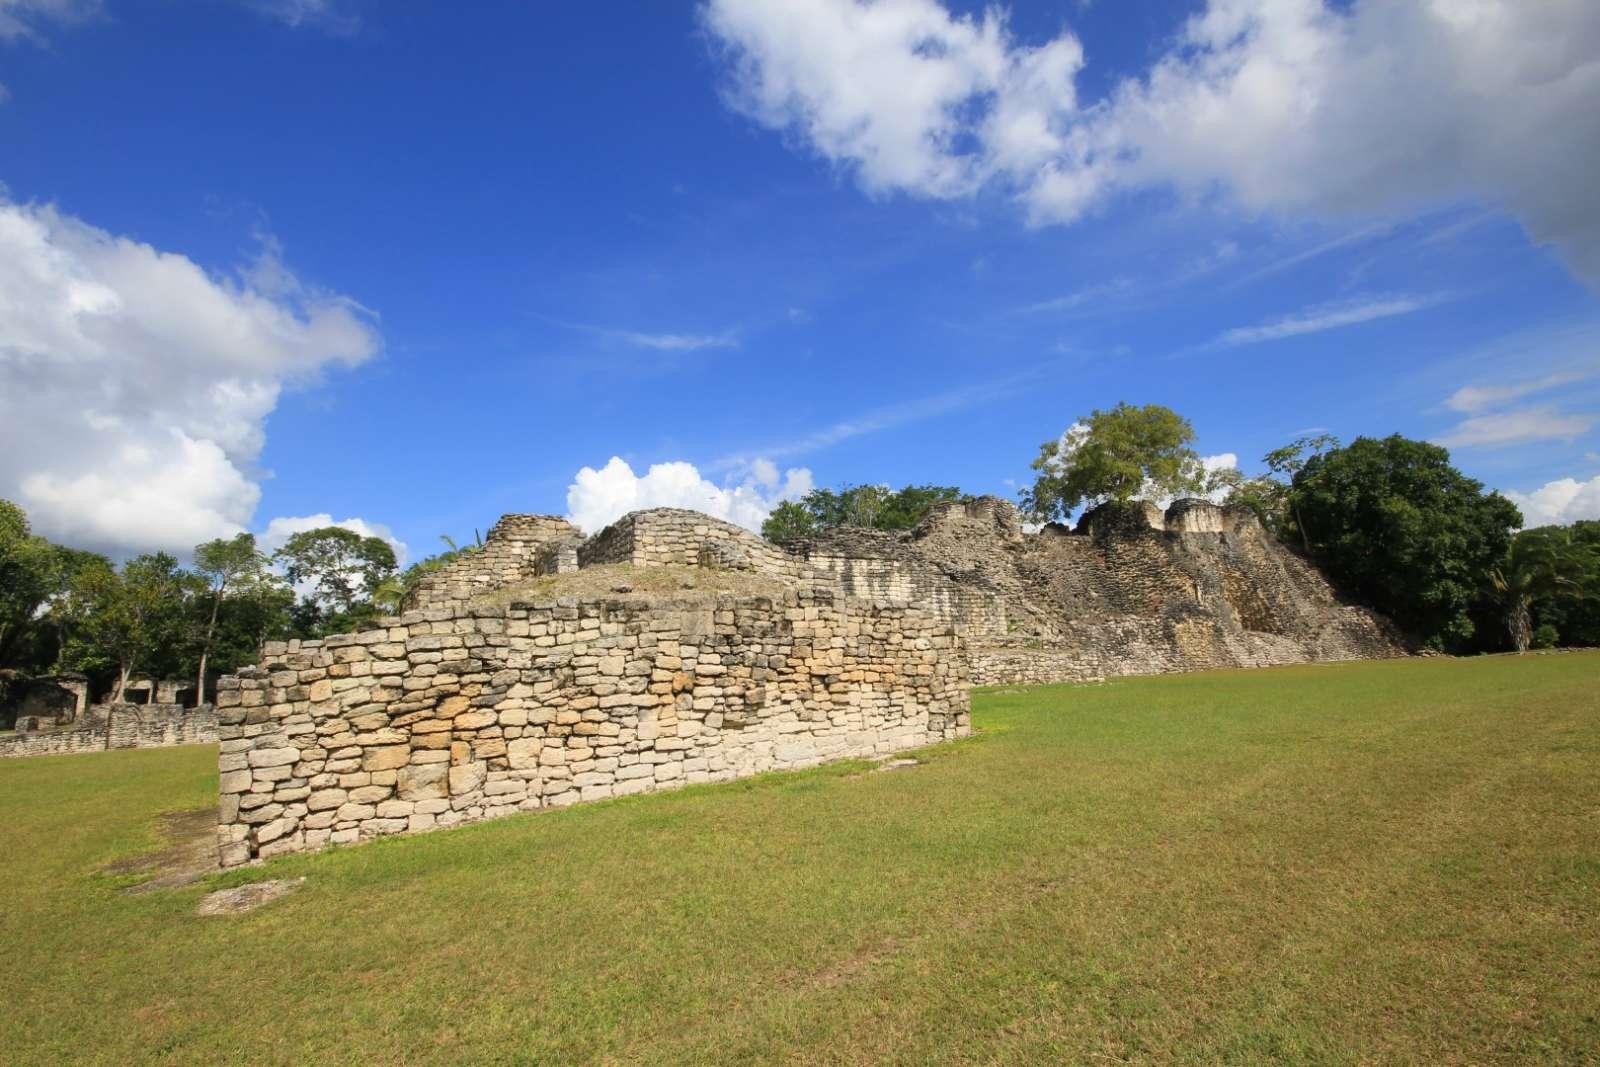 Kohunlich Mexico Maya Ruins